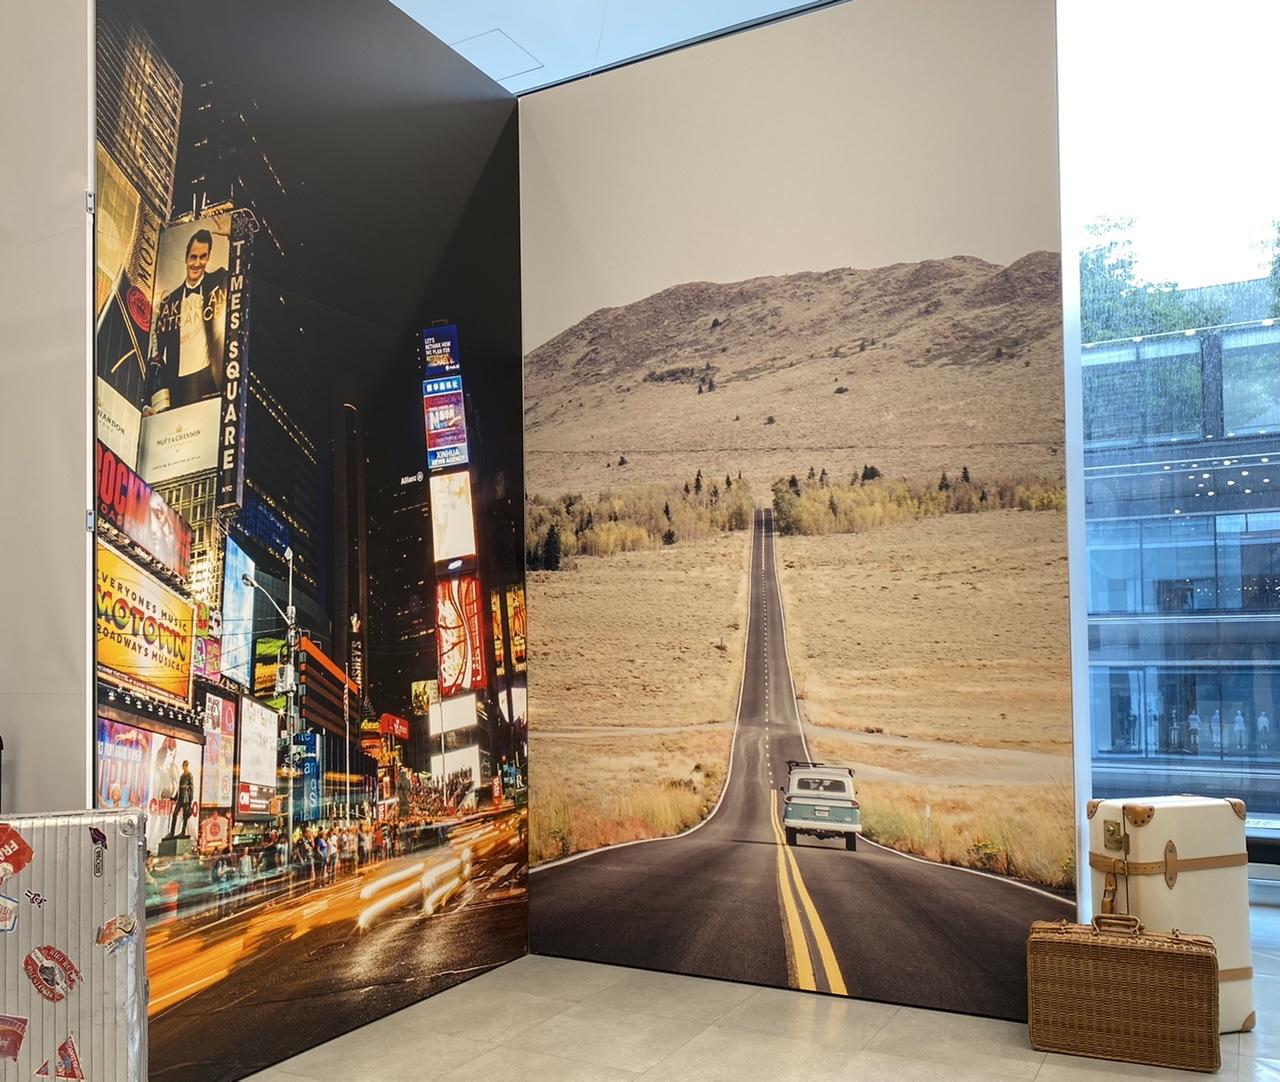 ユニクロ銀座店12階ジーンズフロアのフォトスポット